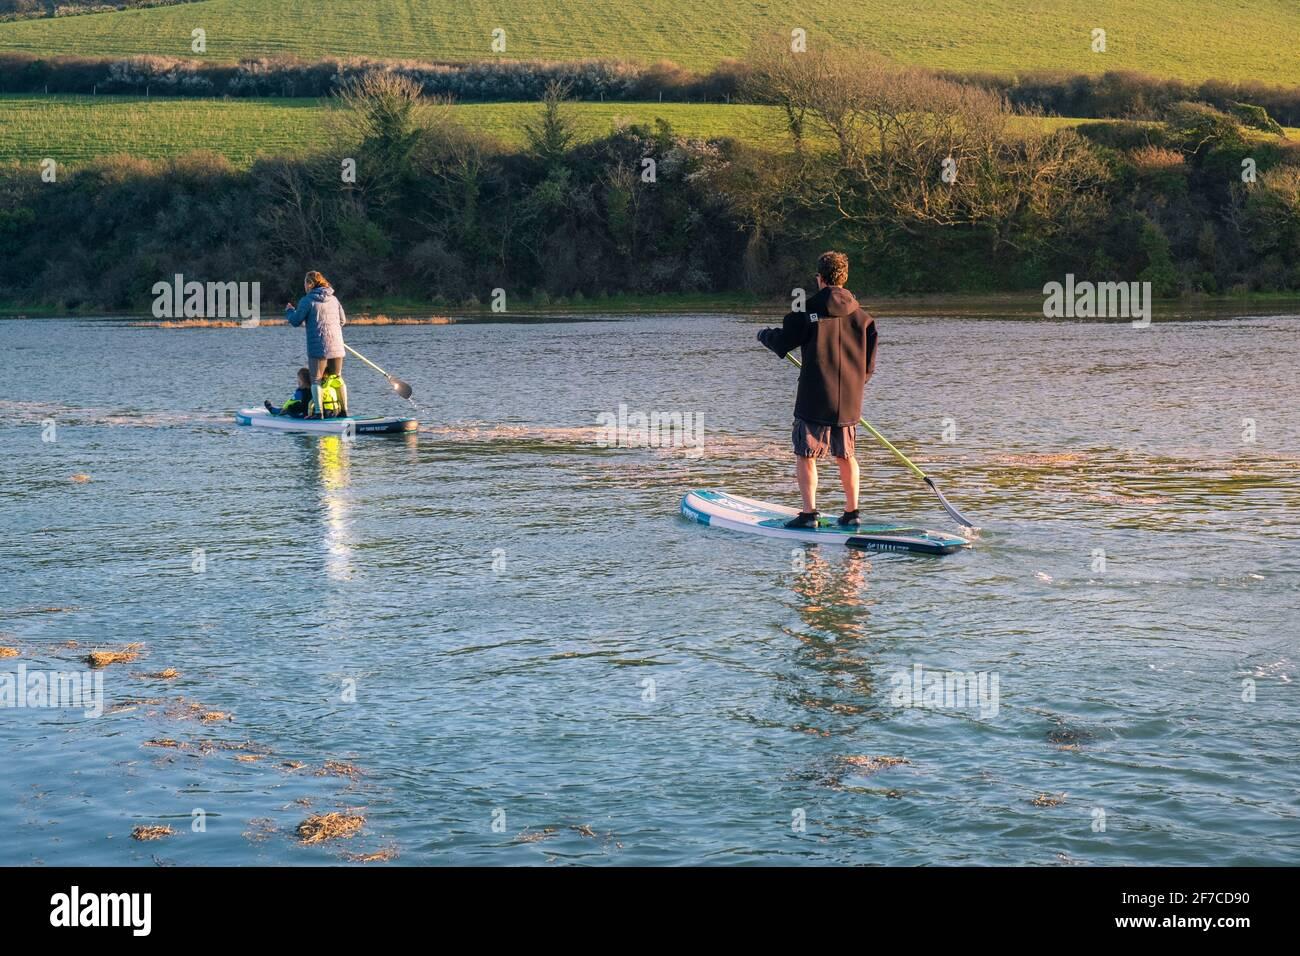 Une famille de vacanciers qui s'amusent à pagayer leurs paddleboards Stand Up à marée haute sur la rivière Gannel à Newquay en Cornouailles. Banque D'Images